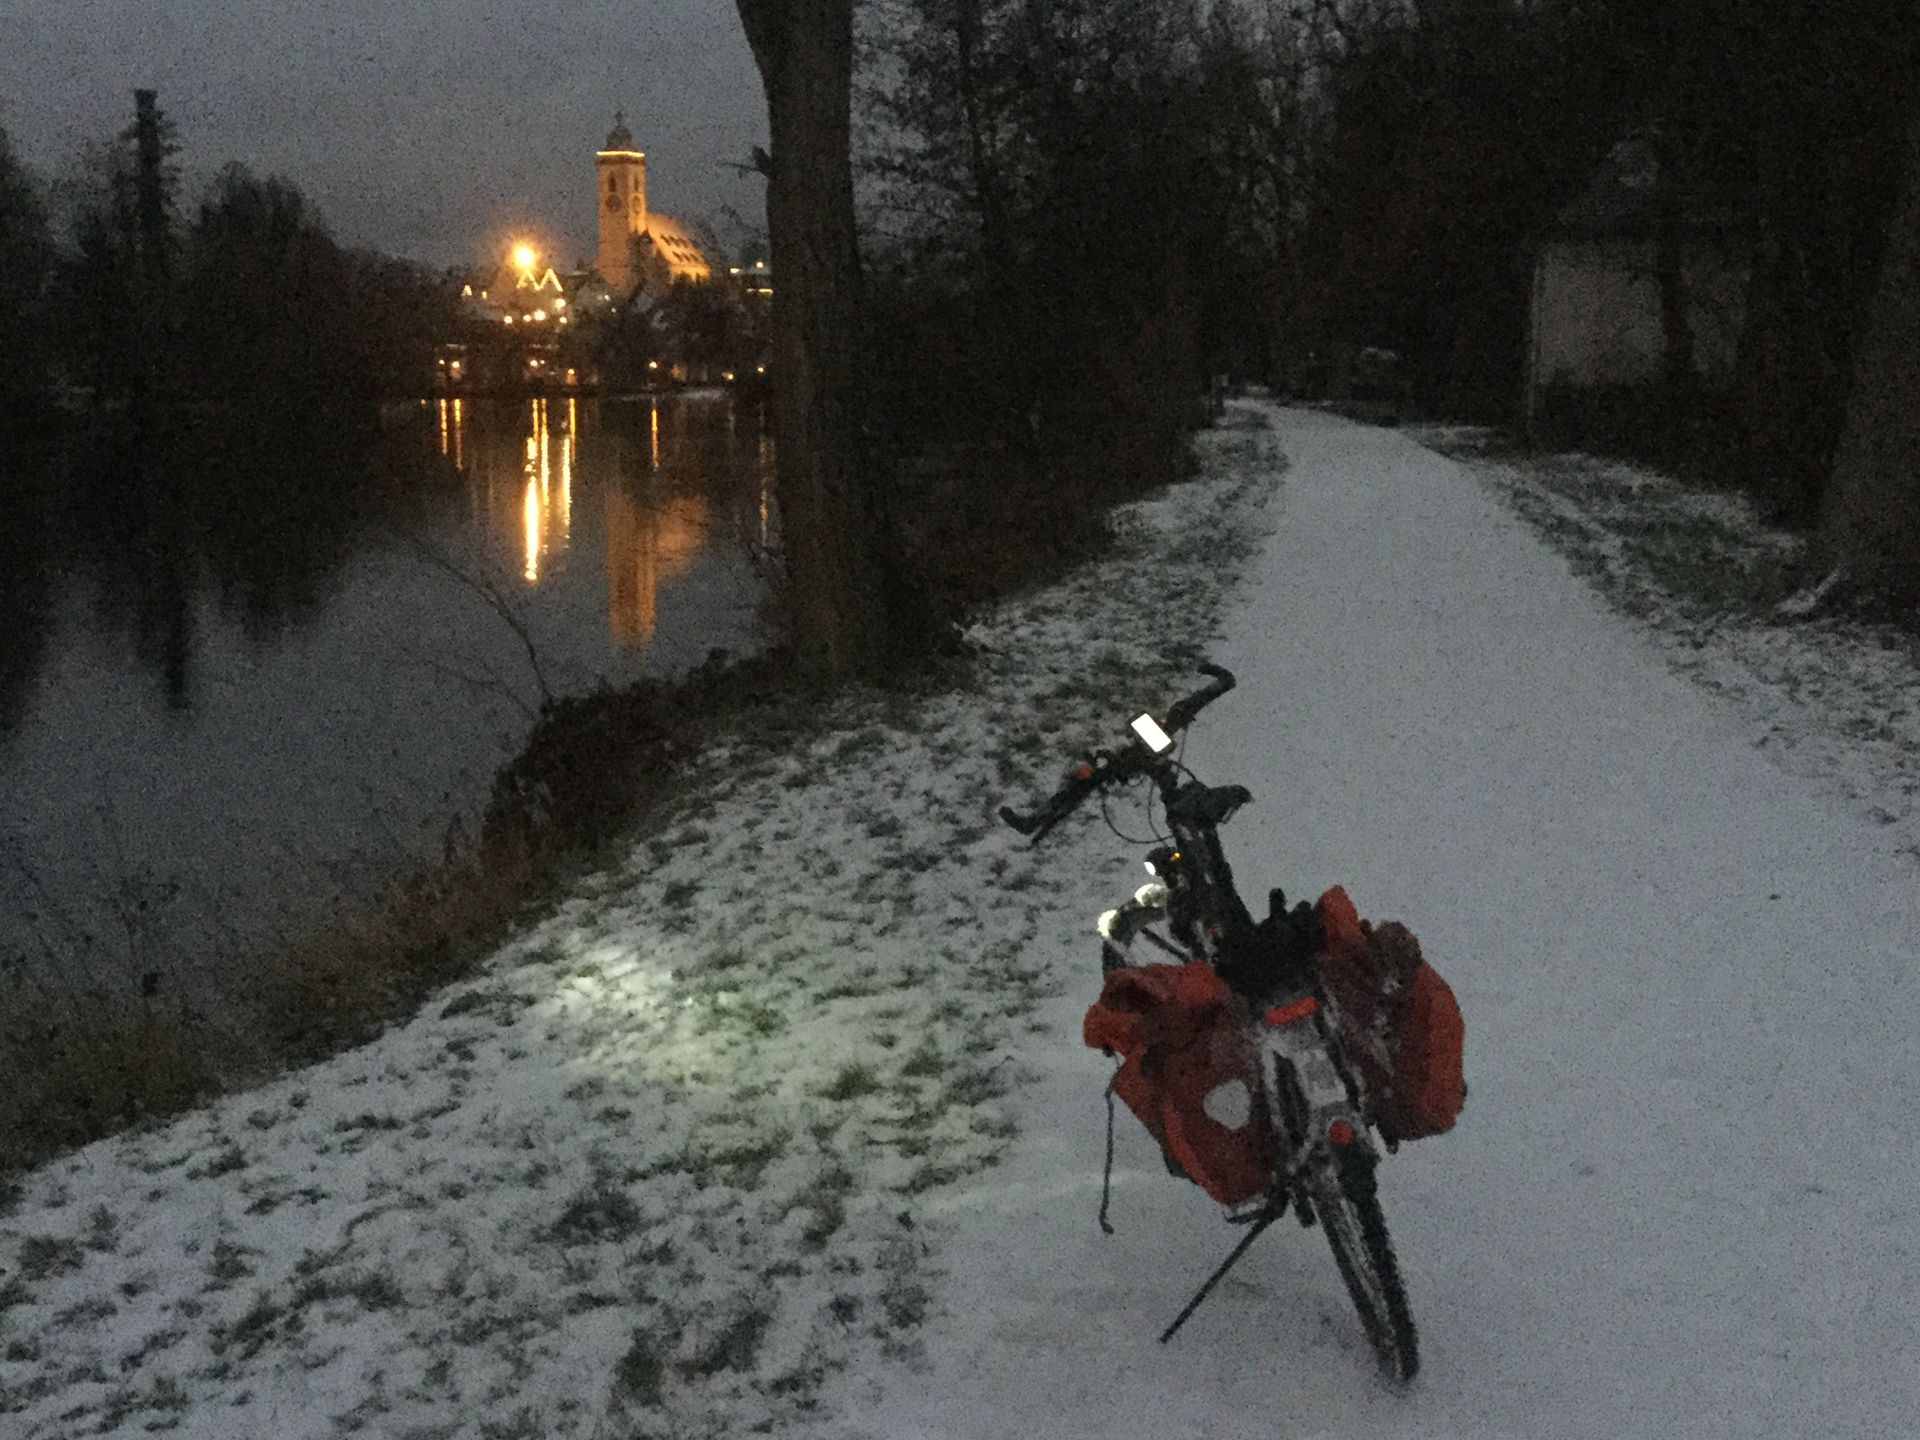 Nürtingen bei Nacht - Fahrradtour am Neckarradweg im Winter